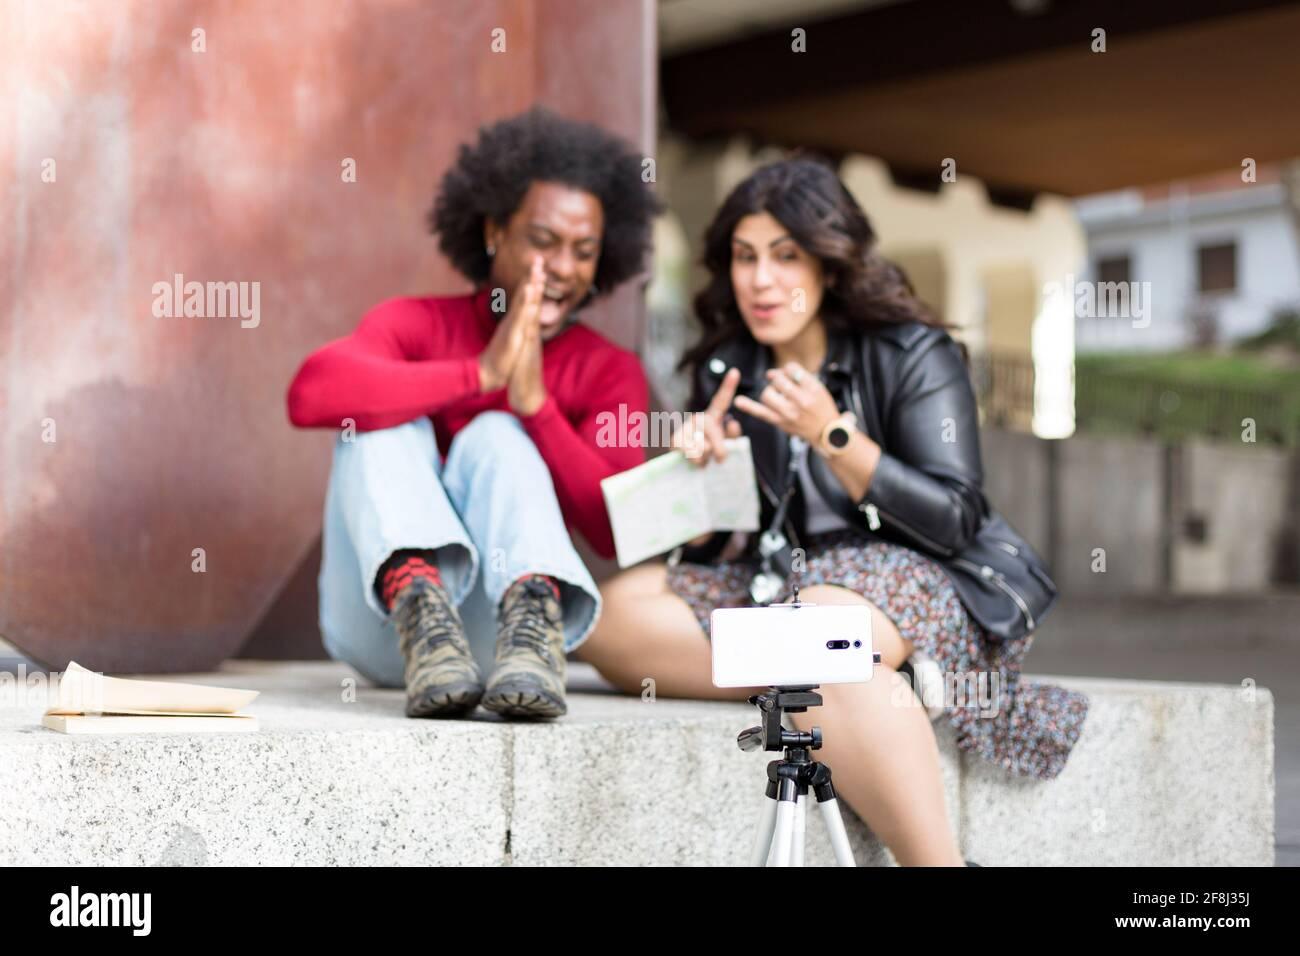 Coppia di blogger che registrano contenuti per i loro abbonati all'aperto. Concetto di viaggio. Messa a fuoco selettiva. Foto Stock